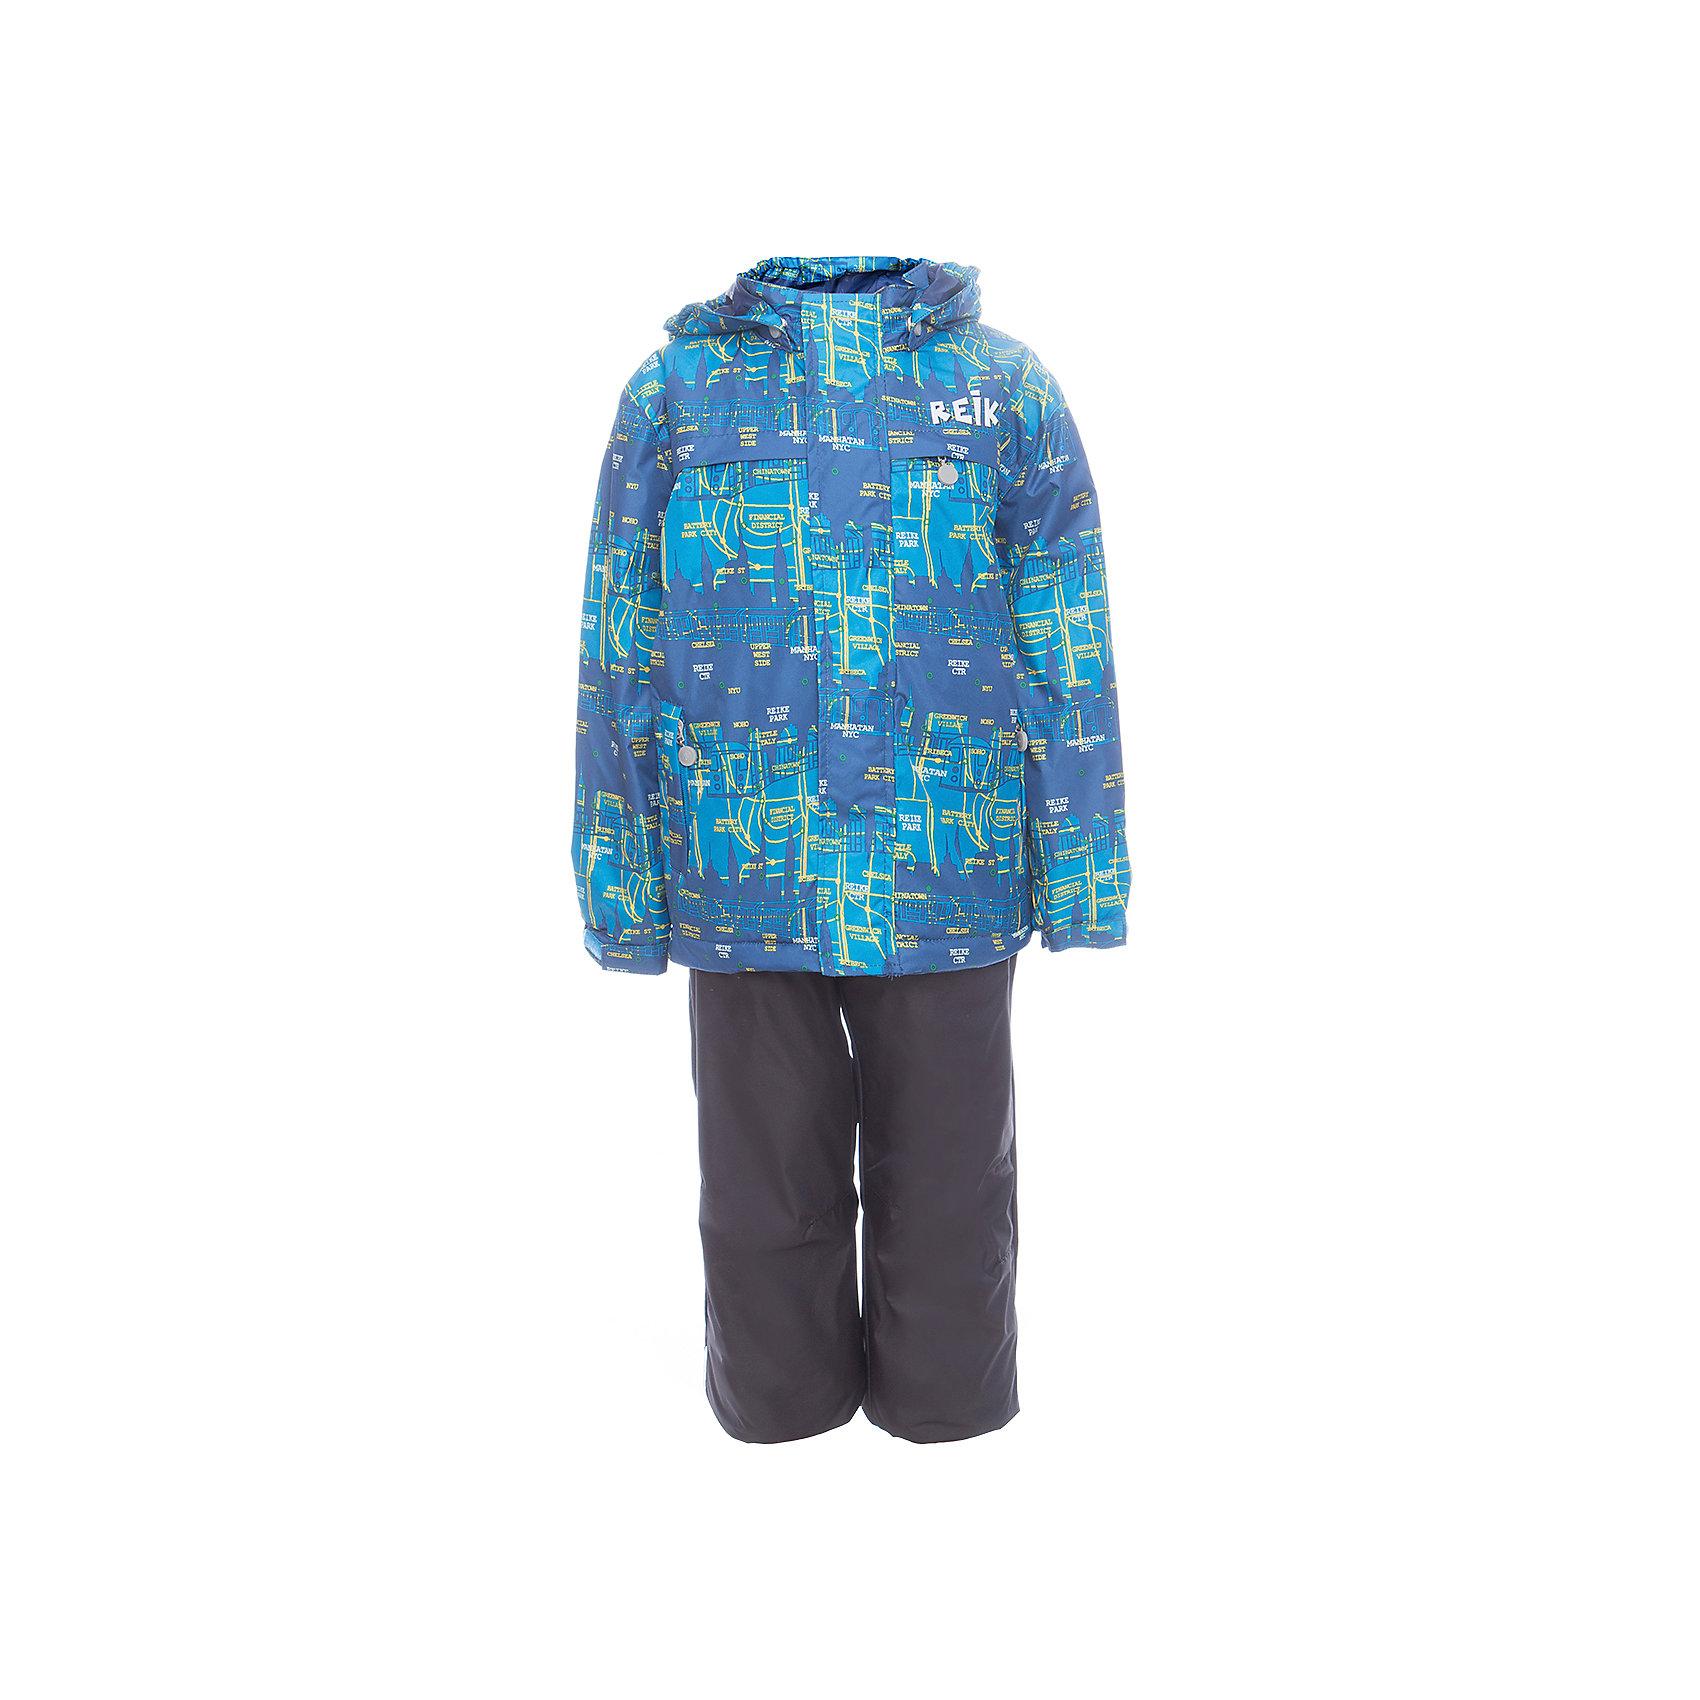 Комплект Reike для мальчикаОдежда<br>Характеристики товара:<br><br>• цвет: голубой/серый<br>• состав: 100% полиэстер<br>• подкладка - 100% полиэстер со вставками из микрофлиса (спинка, грудь куртки)<br>• без утеплителя<br>• температурный режим: от +5° С до +15° С<br>• из ветрозащитного, водонепроницаемого материала<br>• мембранная технология позволяет телу дышать<br>• воздухопроницаемость: 2000гр/м2/24 ч<br>• водоотталкивающее покрытие: 2000 мм<br>• ветрозащитная планка на кнопках и липучках вдоль молнии не допустит проникновения холодного воздуха<br>• съёмный регулируемый капюшон<br>• куртка с двумя карманами на молнии<br>• завышенная талия и регулируемые подтяжки гарантируют посадку брюк по фигуре<br>• низ усилен защитой от истирания<br>• завышенные брюки оснащены светоотражателями, двумя боковыми карманами на молнии и съёмными штрипками<br>• манжеты рукавов на резинке дополнительно регулируются липучками<br>• страна бренда: Финляндия<br><br>Демисезонная одежда может быть очень красивой и удобной! Новая коллекция от известного финского производителя Reike отличается ярким дизайном, продуманностью и комфортом! Эта модель разработана специально для детей - она учитывает особенности их физиологии, а также новые тенденции в европейской моде. Стильная и удобная вещь!<br><br>Комплект для девочки от популярного бренда Reike можно купить в нашем интернет-магазине.<br><br>Ширина мм: 215<br>Глубина мм: 88<br>Высота мм: 191<br>Вес г: 336<br>Цвет: синий<br>Возраст от месяцев: 96<br>Возраст до месяцев: 108<br>Пол: Мужской<br>Возраст: Детский<br>Размер: 134,110,116,122,128<br>SKU: 5429999